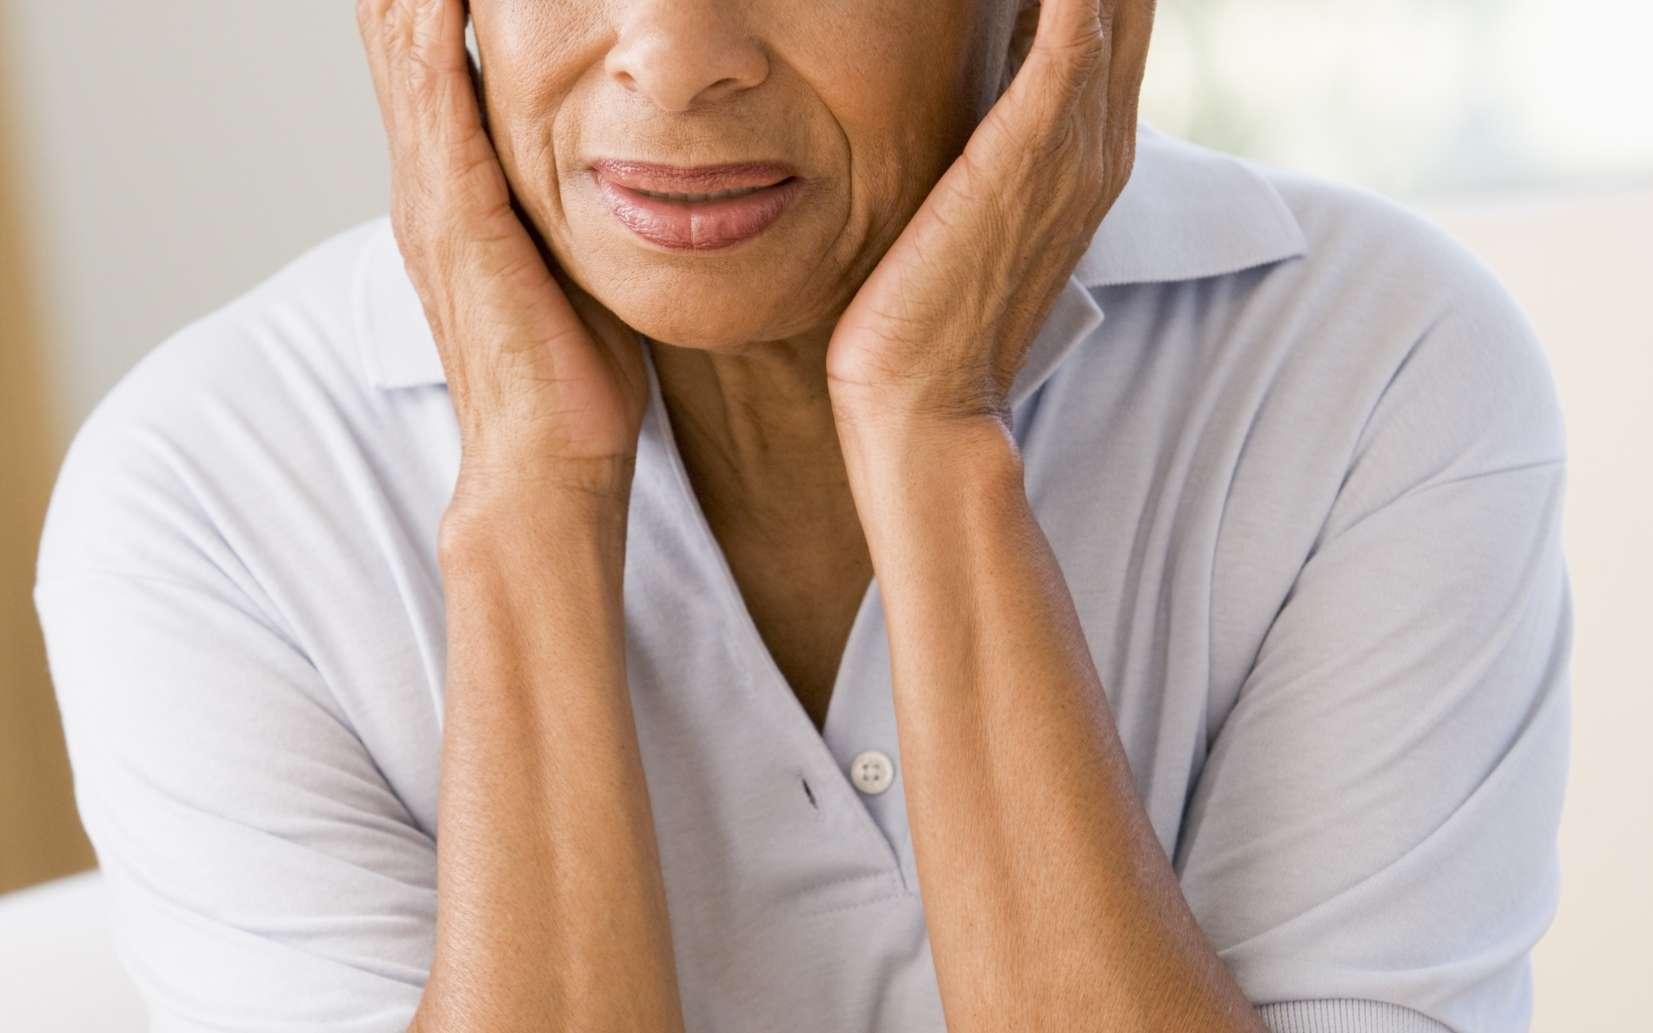 Les antalgiques pour soulager la douleur. © Phovoir